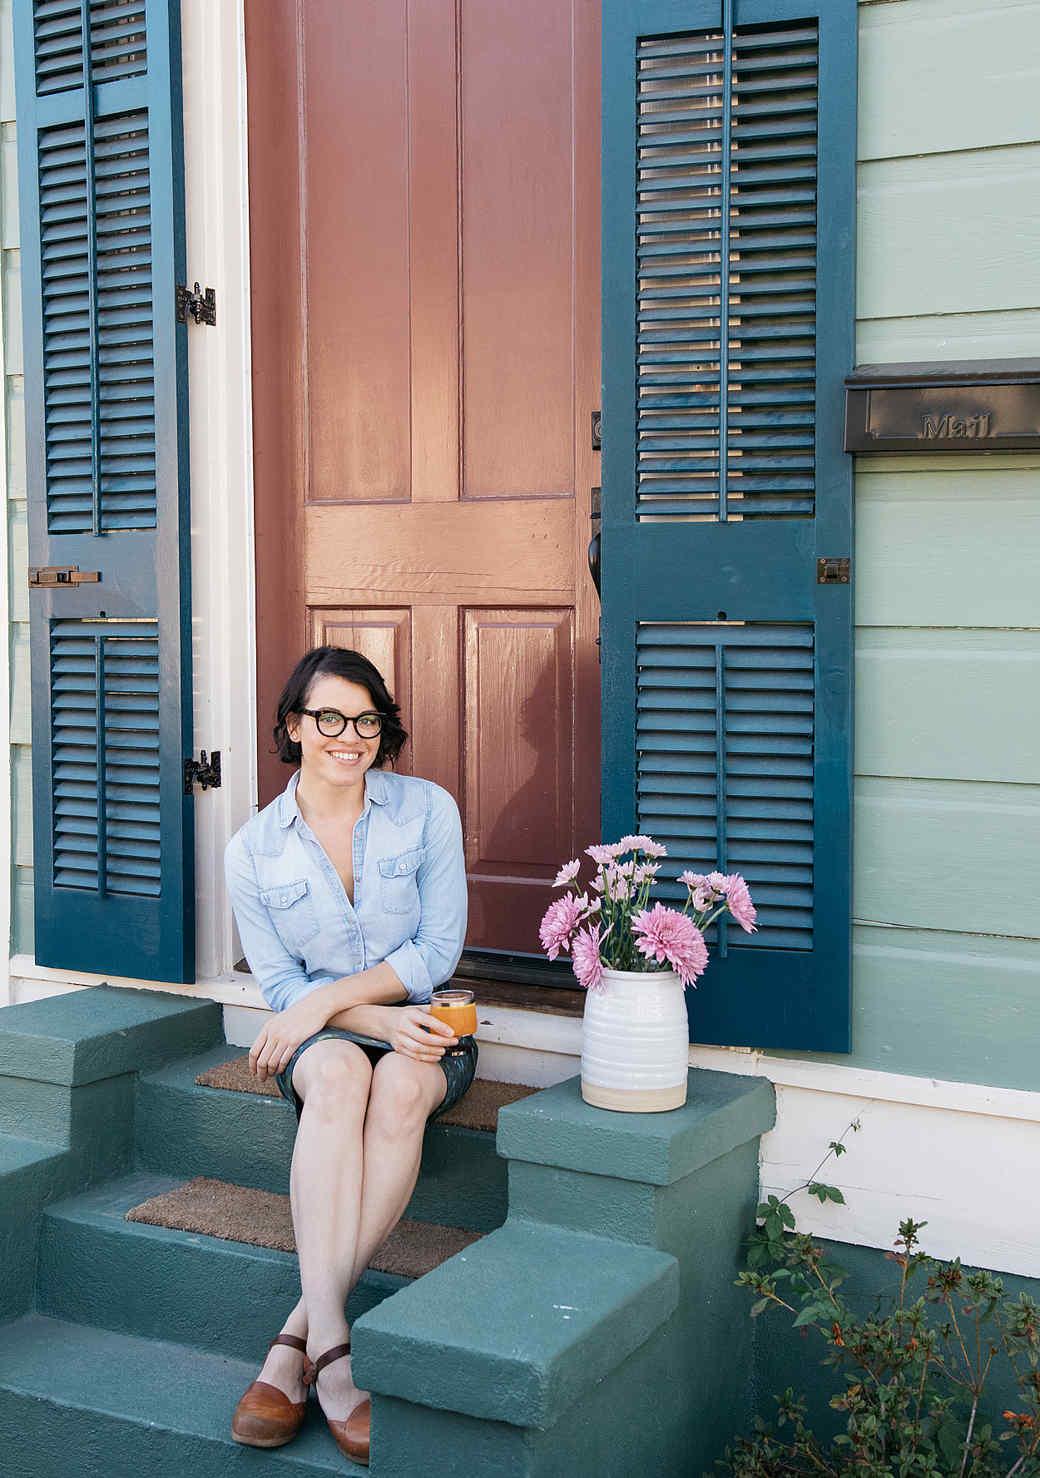 joy the baker sitting on steps front stoop